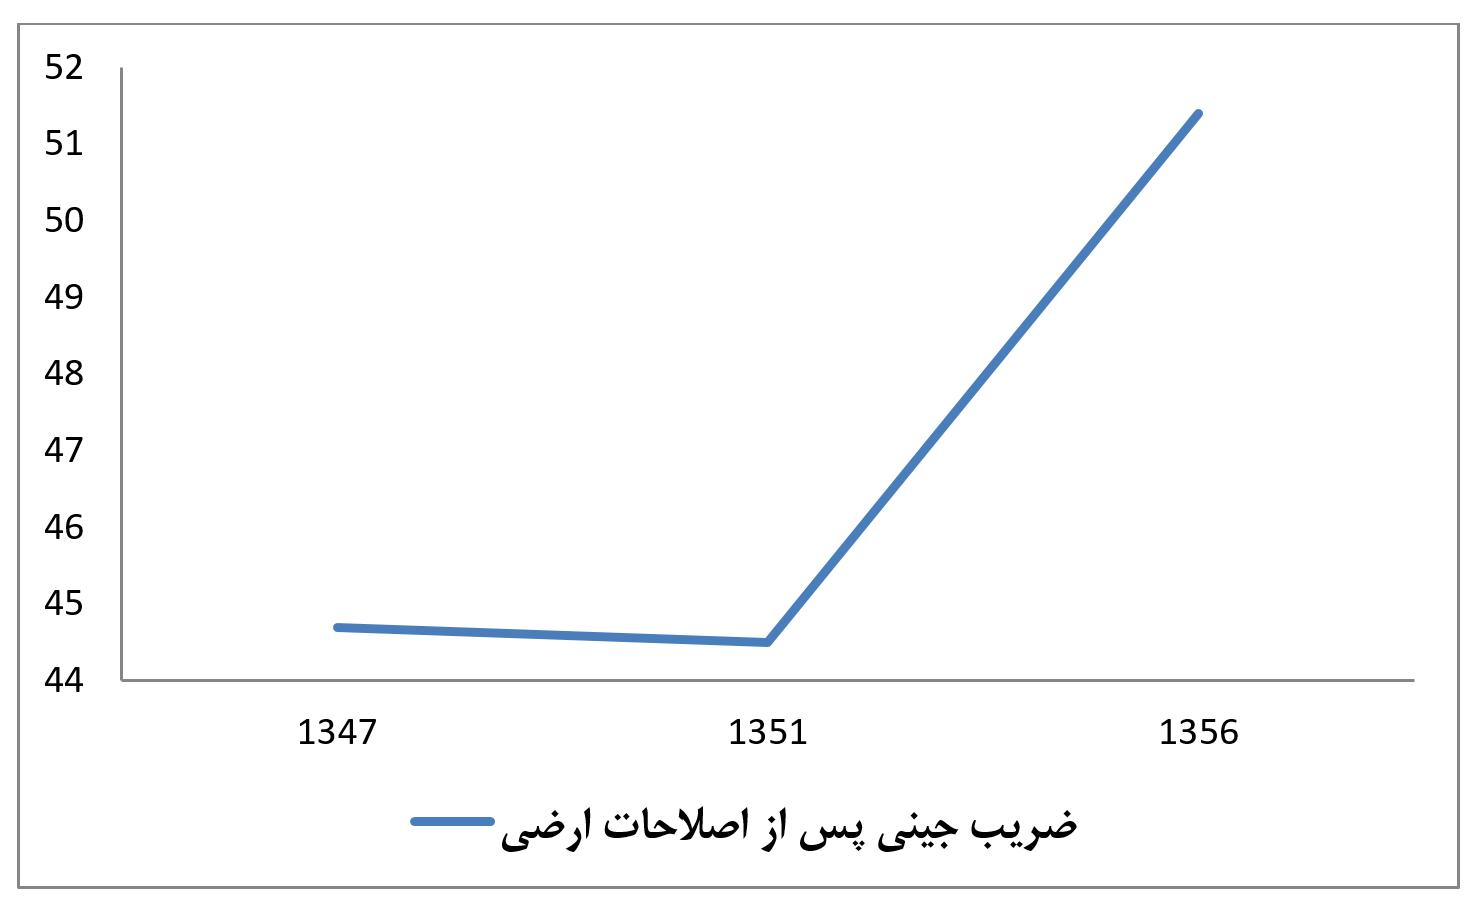 ضریب جینی قبل از انقلاب - اصلاحات ارضی در زمان پهلوی چگونه «اختلاف طبقاتی» را افزایش داد